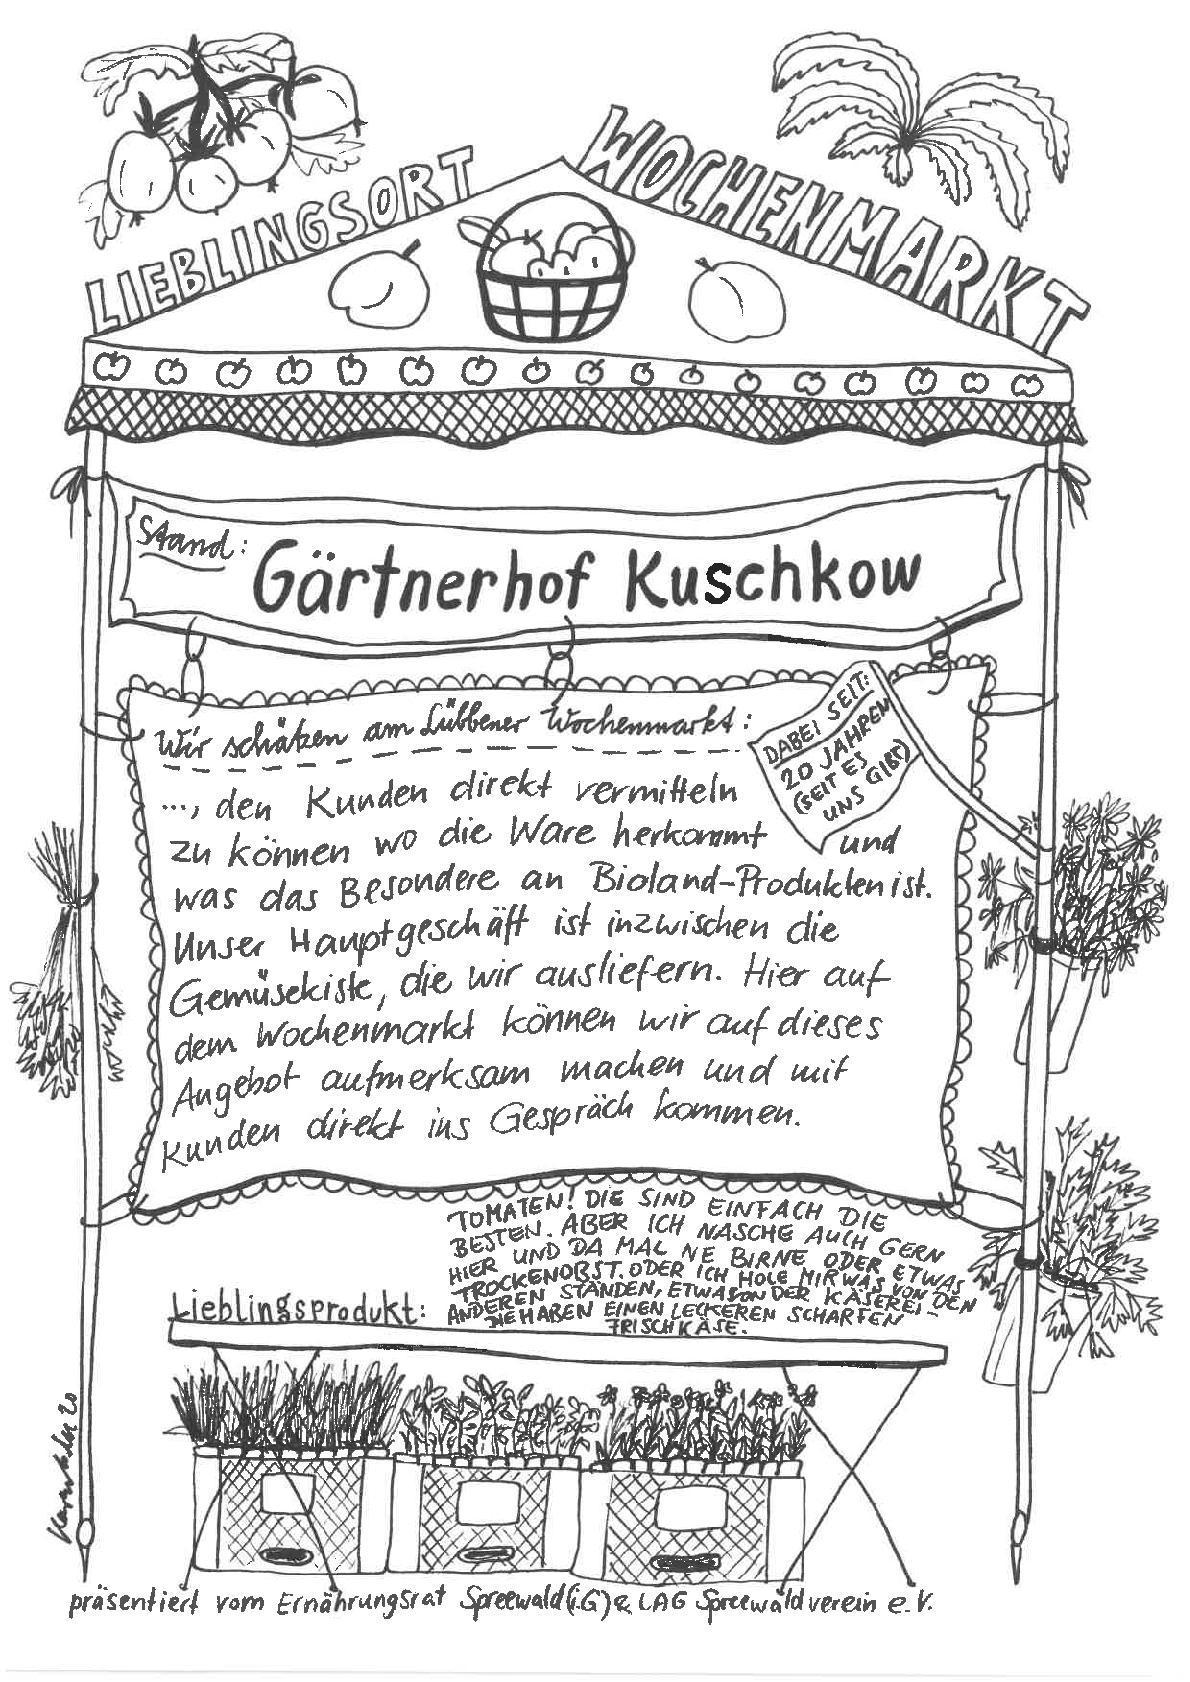 Gärtnerhof Kuschkow